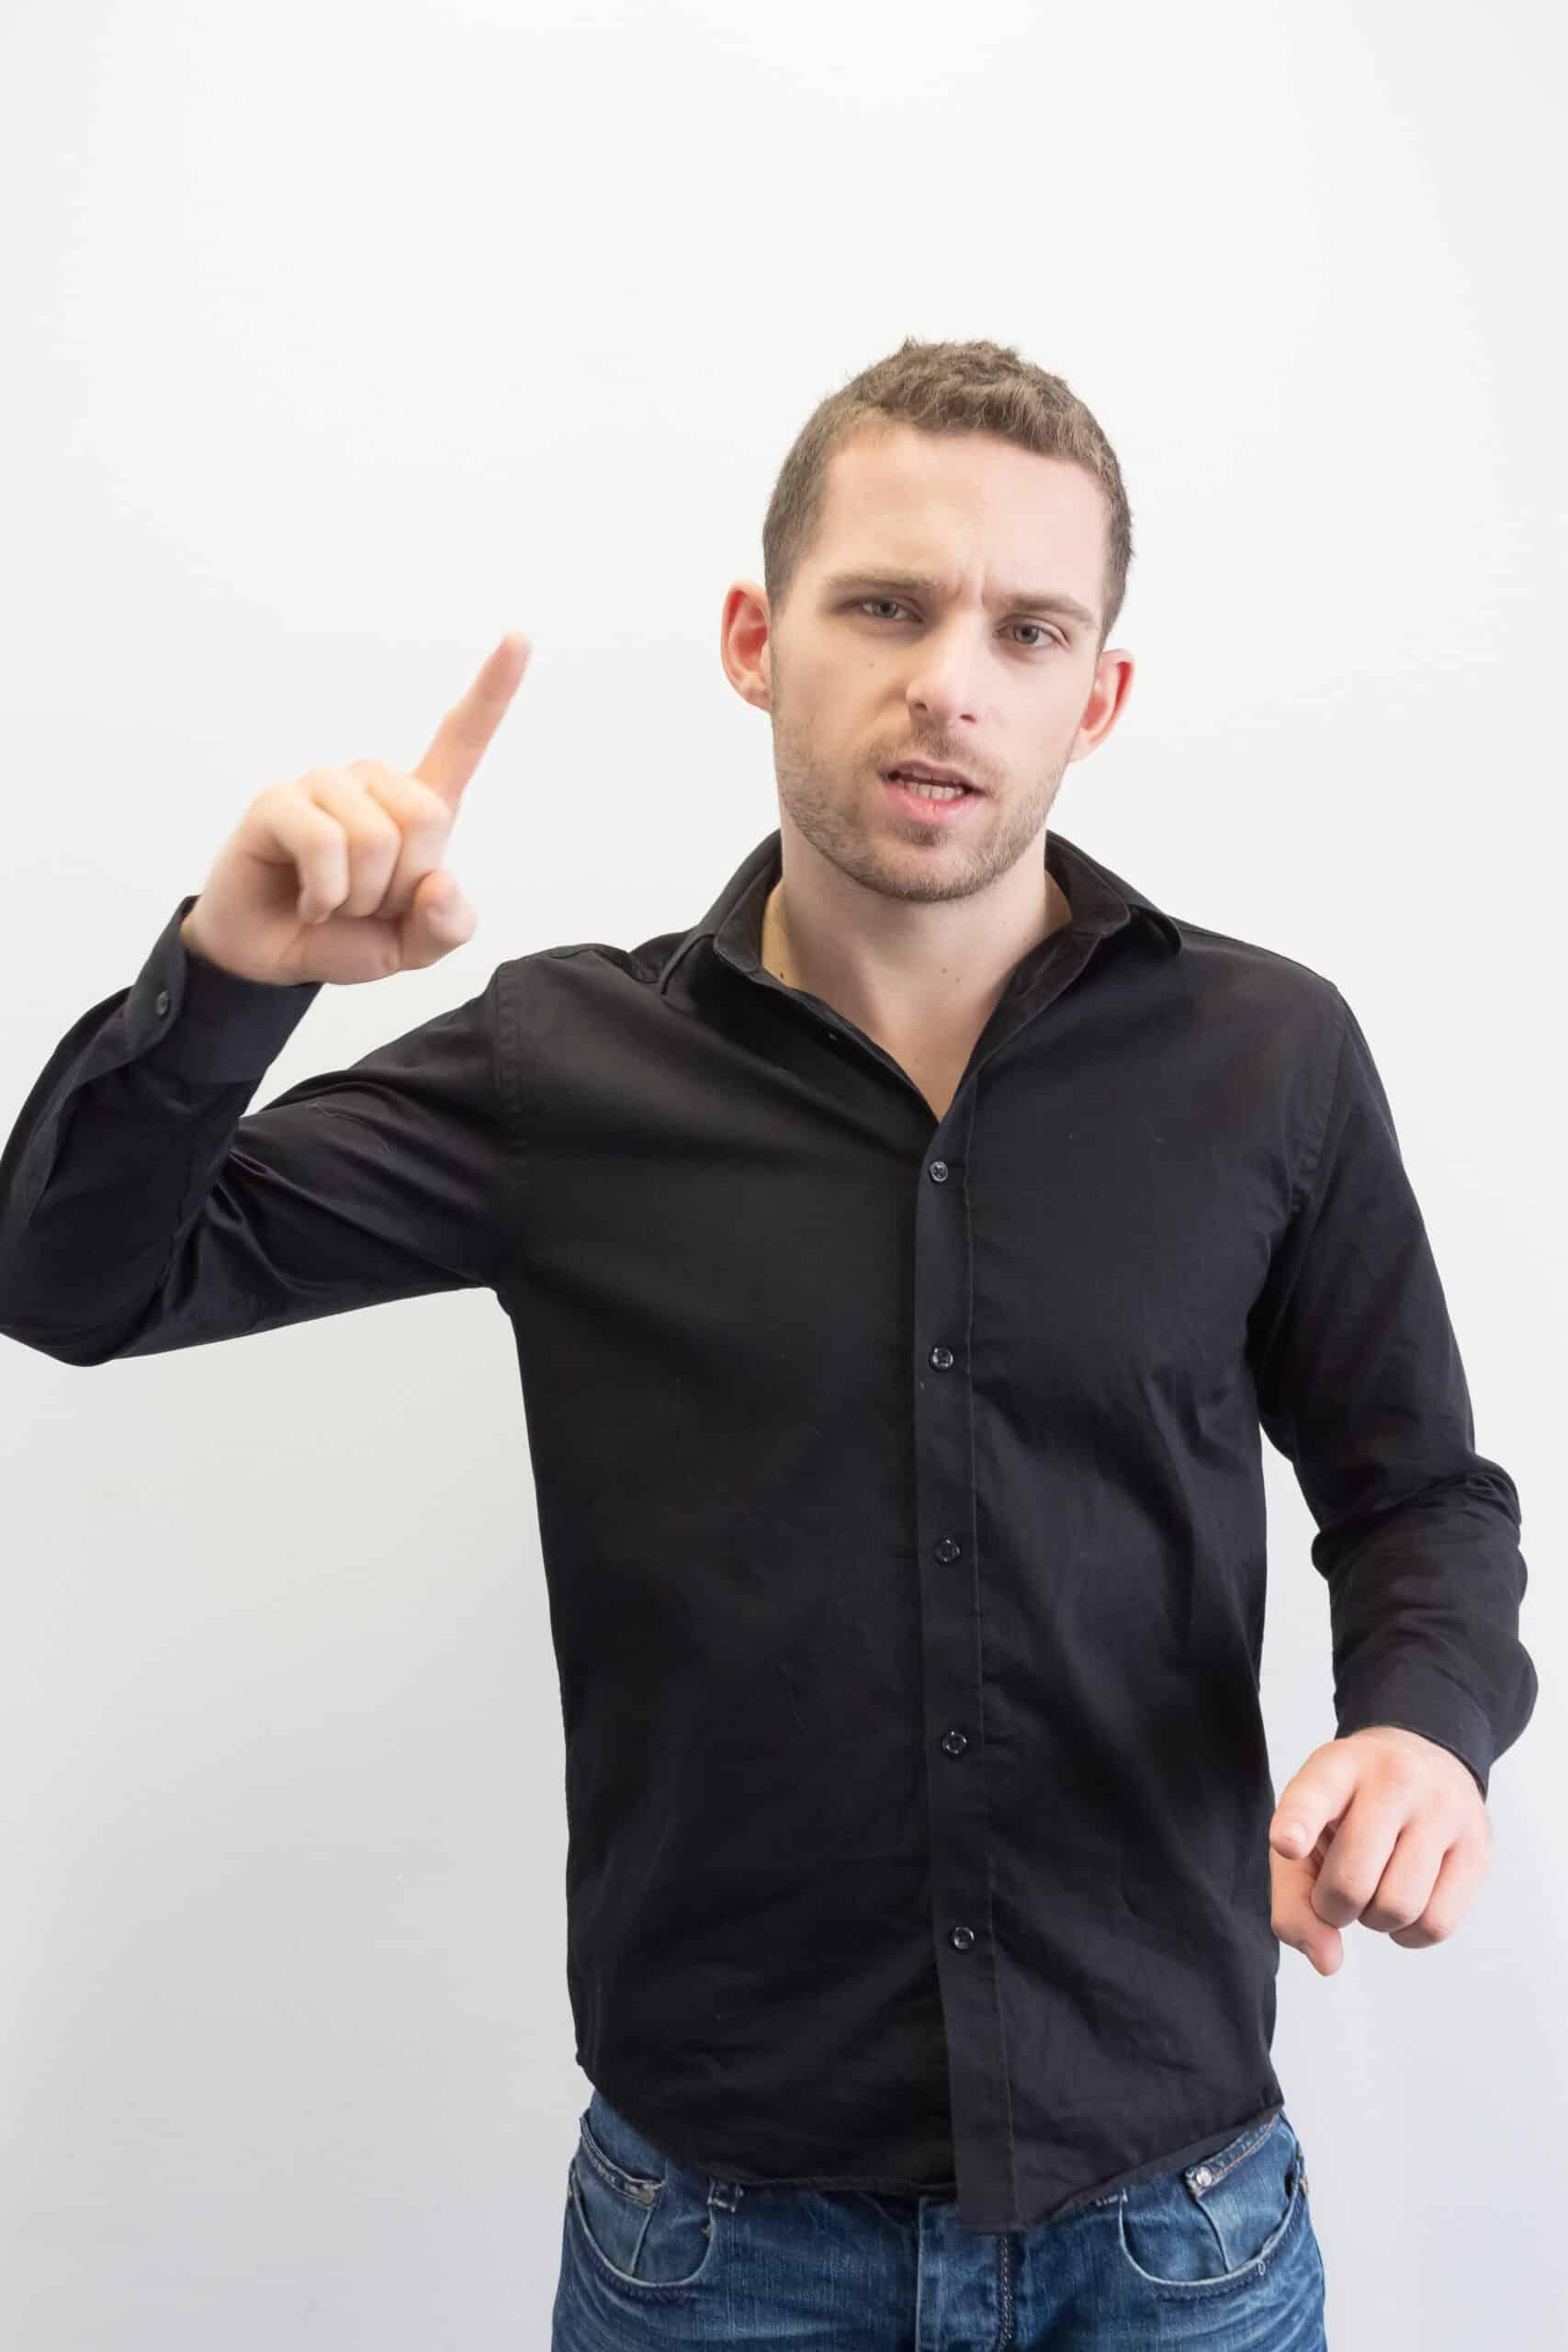 Verhandlungen München mit Körpersprache